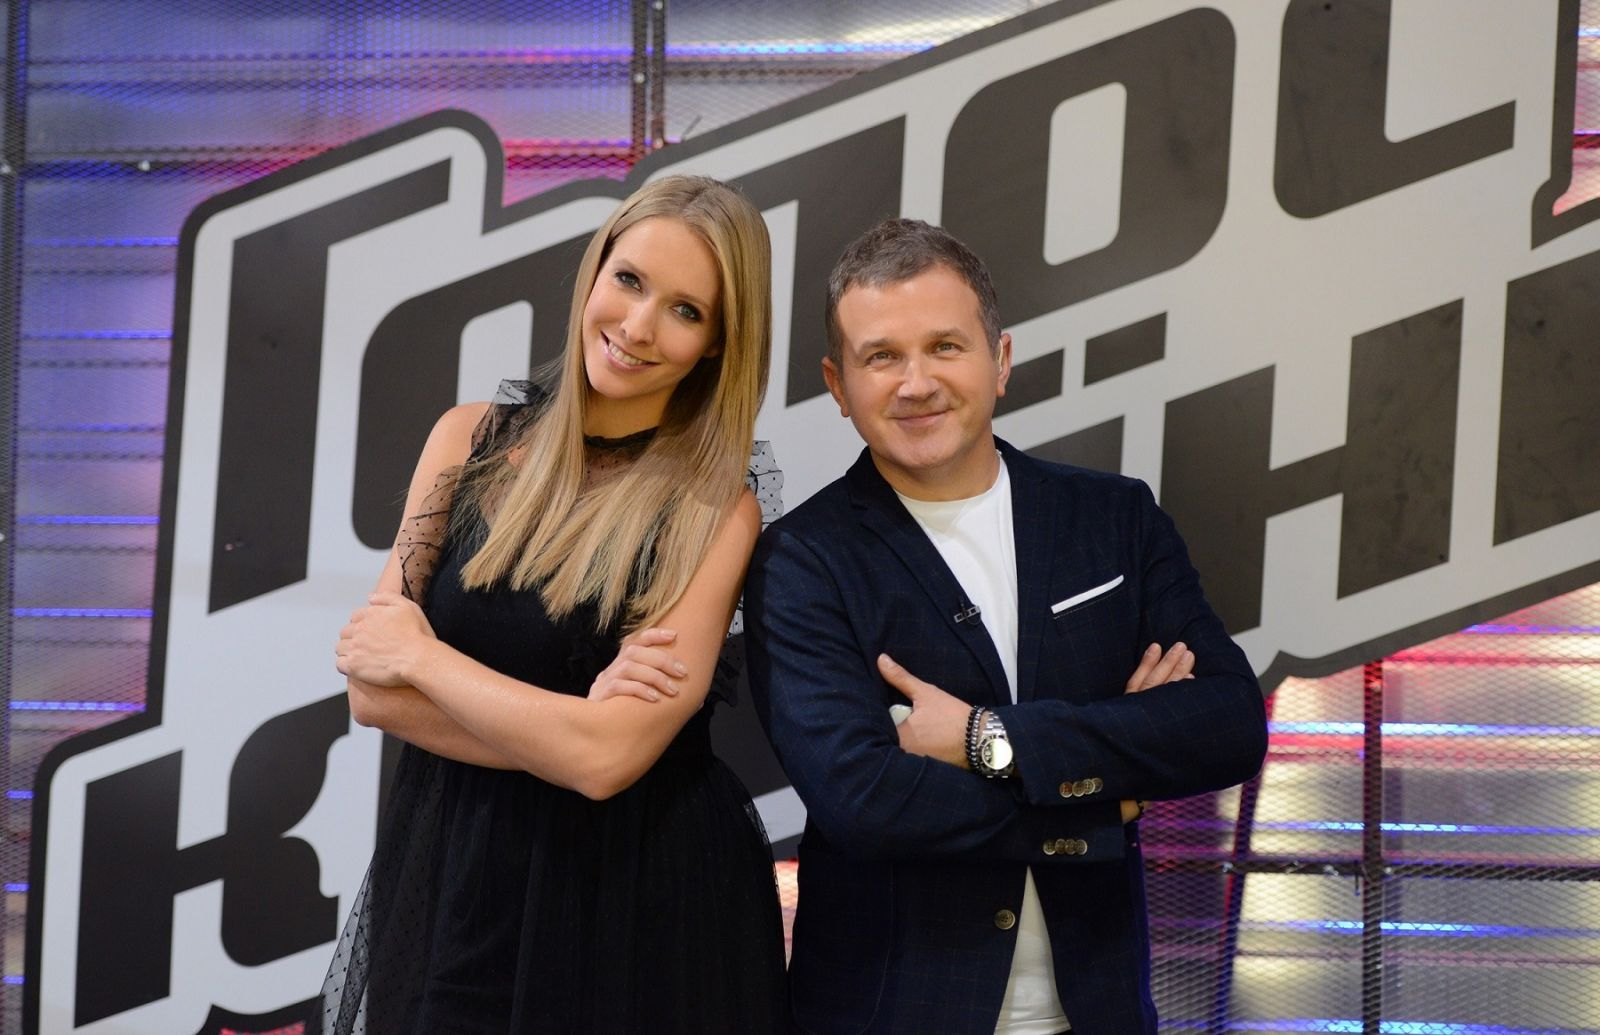 Катя Осадчая, Джамала, Тина Кароль и мужчины: первые фото с шоу Голос країни 7